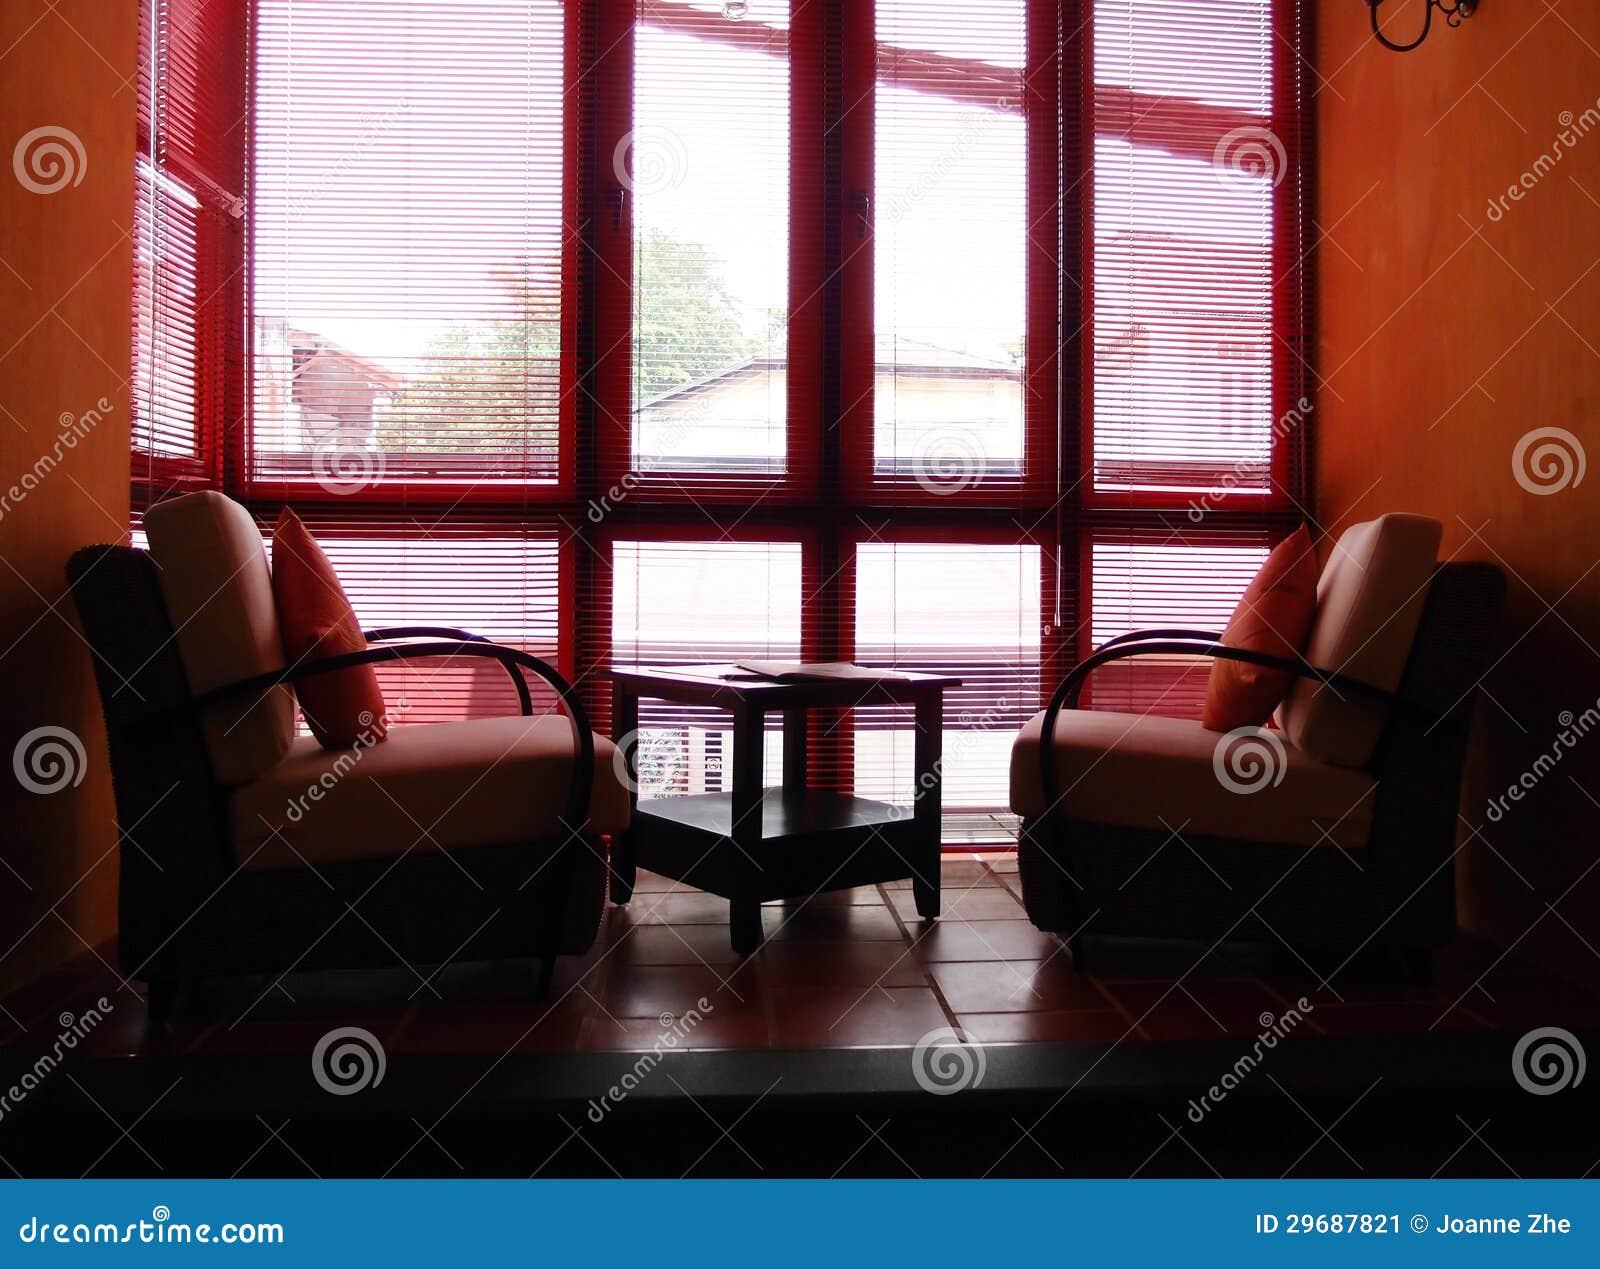 Mezzanine geleverde ruimte lange vensters stock afbeelding afbeelding 29687821 - Mezzanine verlichting ...